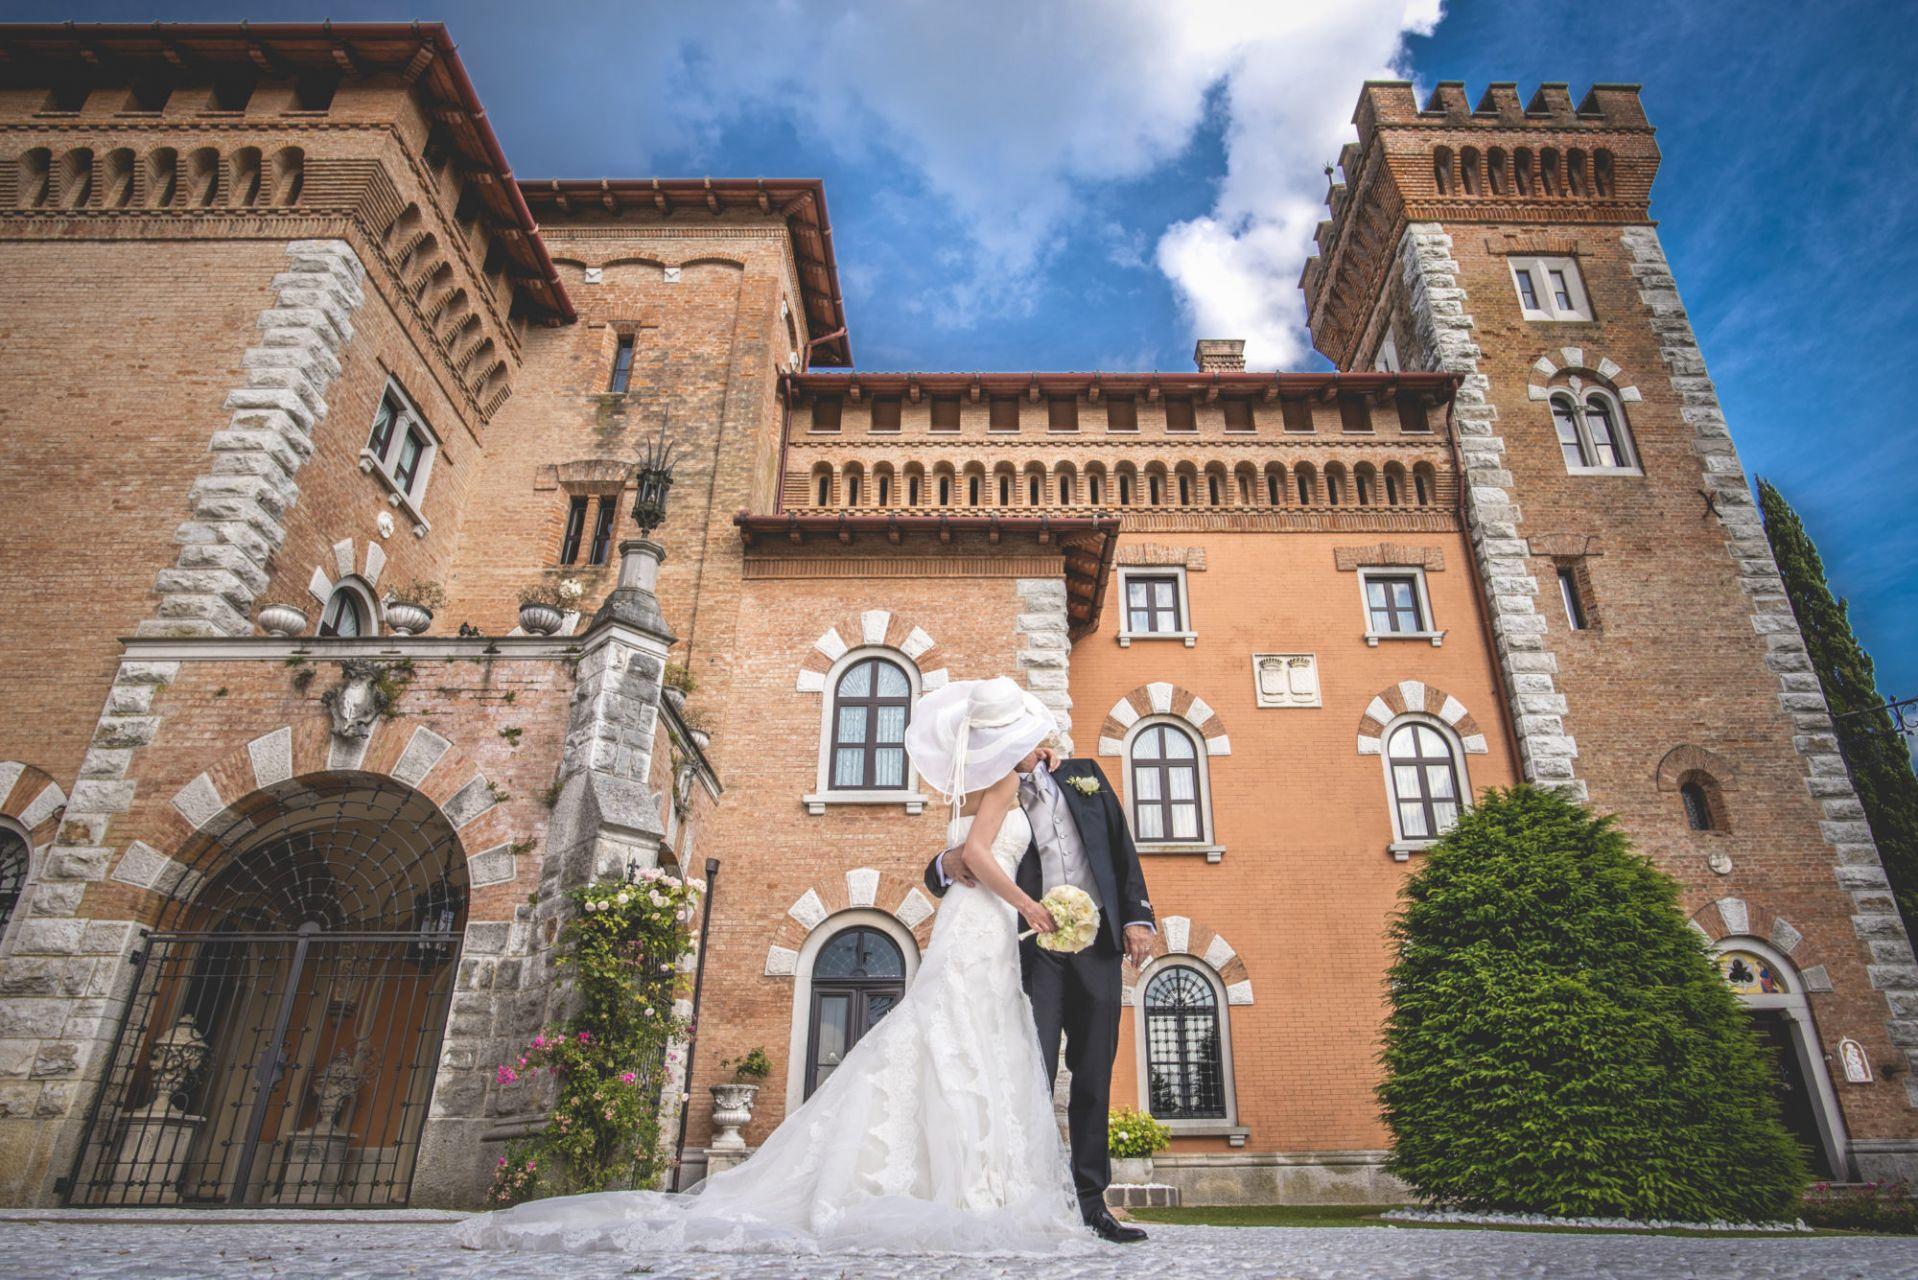 Matrimonio-FraSeb-100617-480-e1501746051443